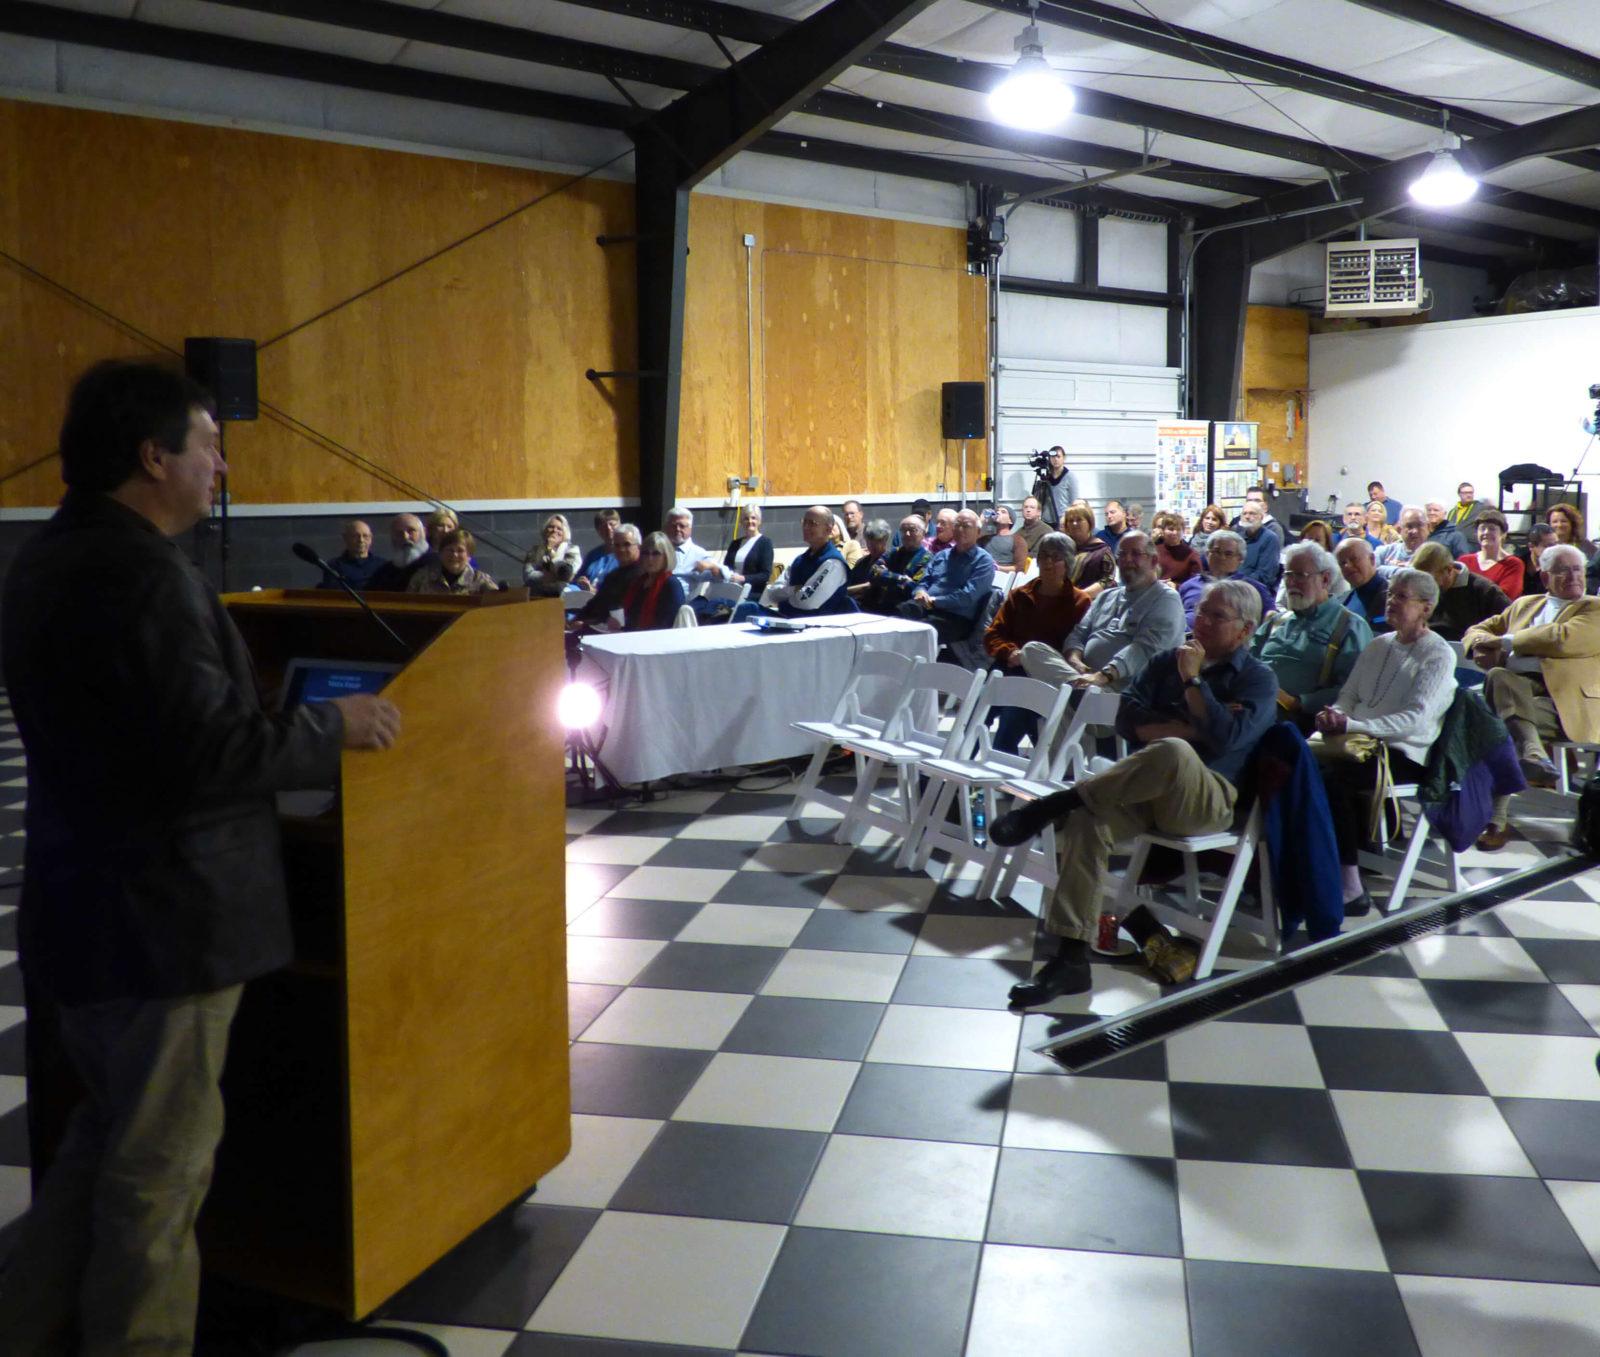 Tim Arntzen speaks to crowd during Vista Field Charrette.